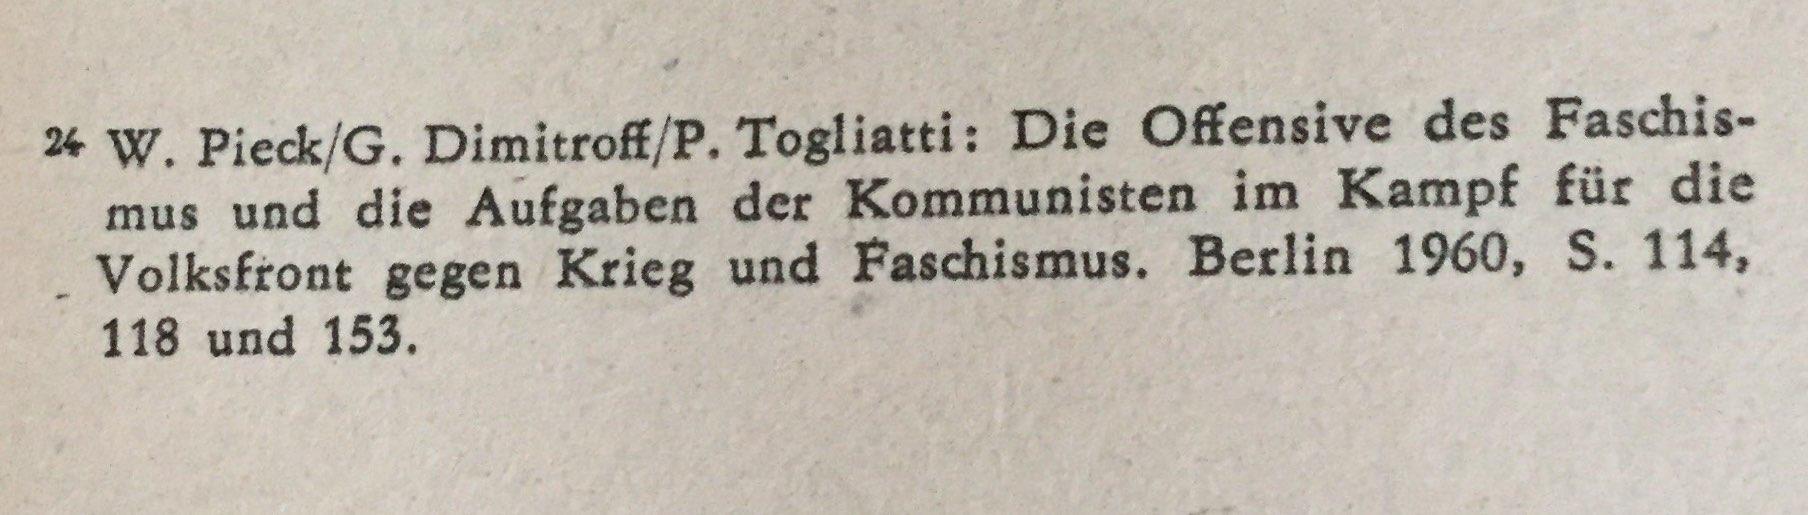 Quellenangabe Dimitroff über Einheits- und Volksfront